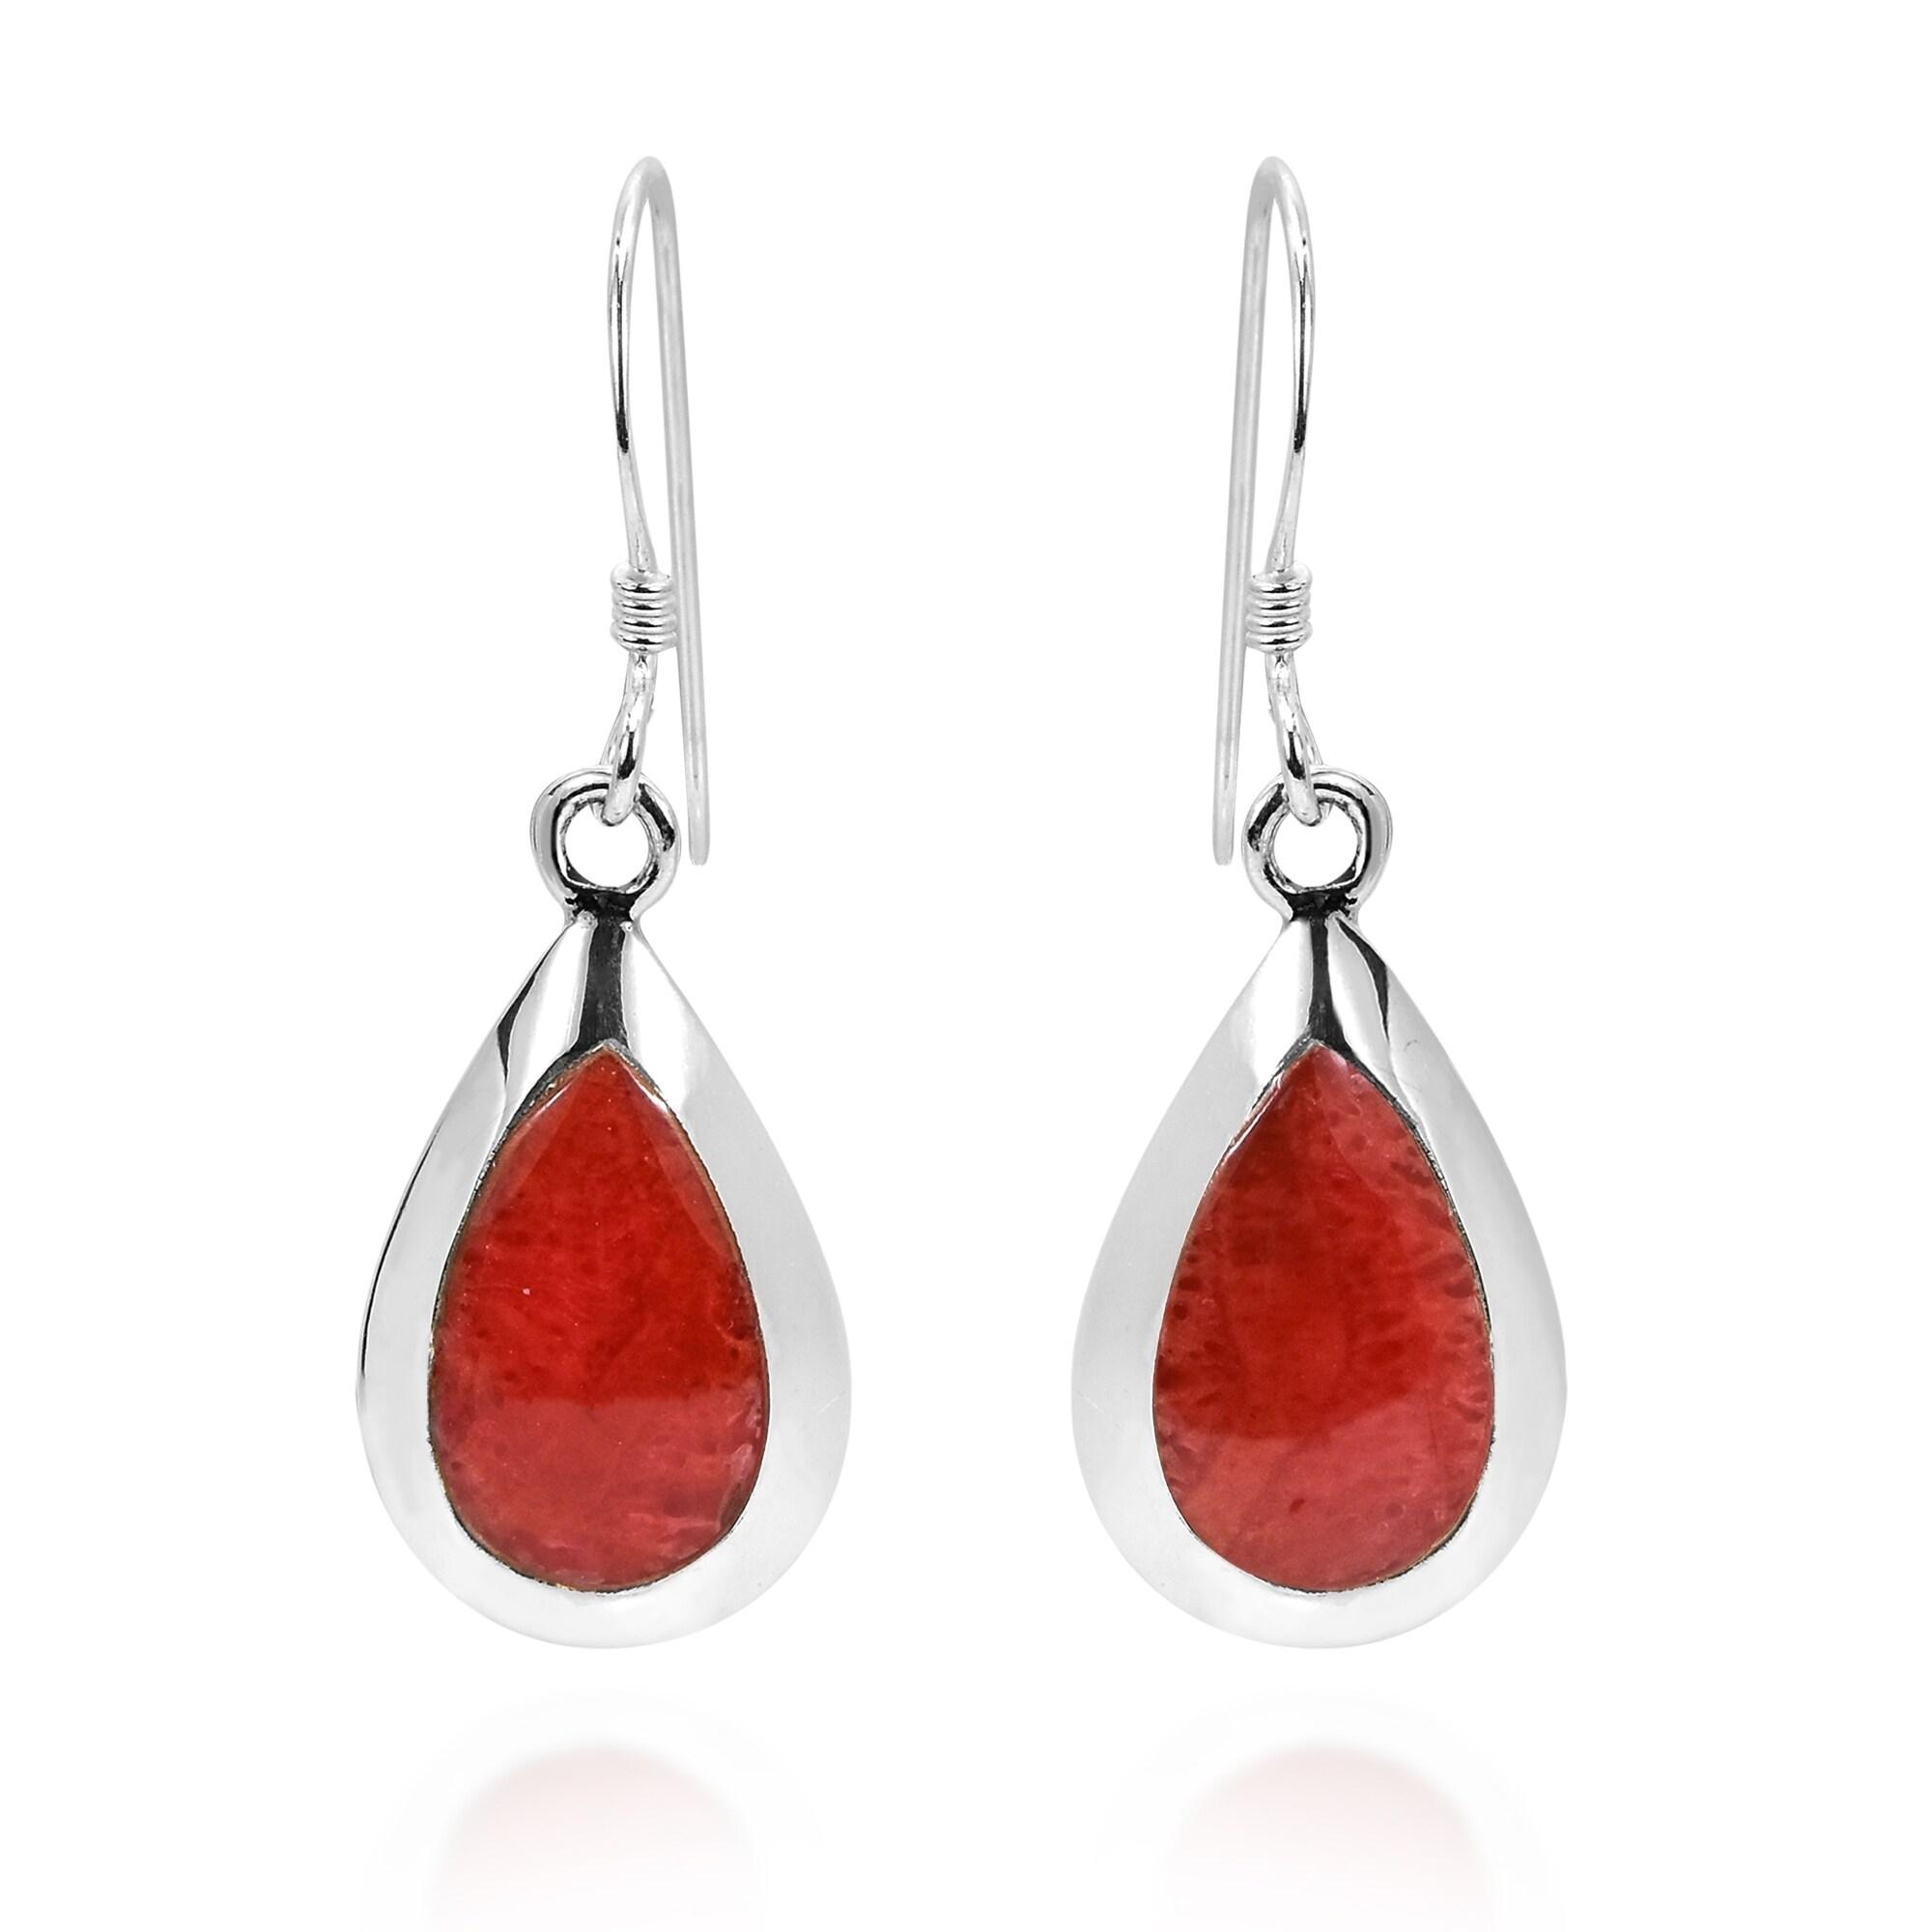 Silver Earrings Handmade Earrings Gemstone Earrings Sale Good Looking Natural GREEN ONYX Earrings Designer Earrings, Gift Earrings